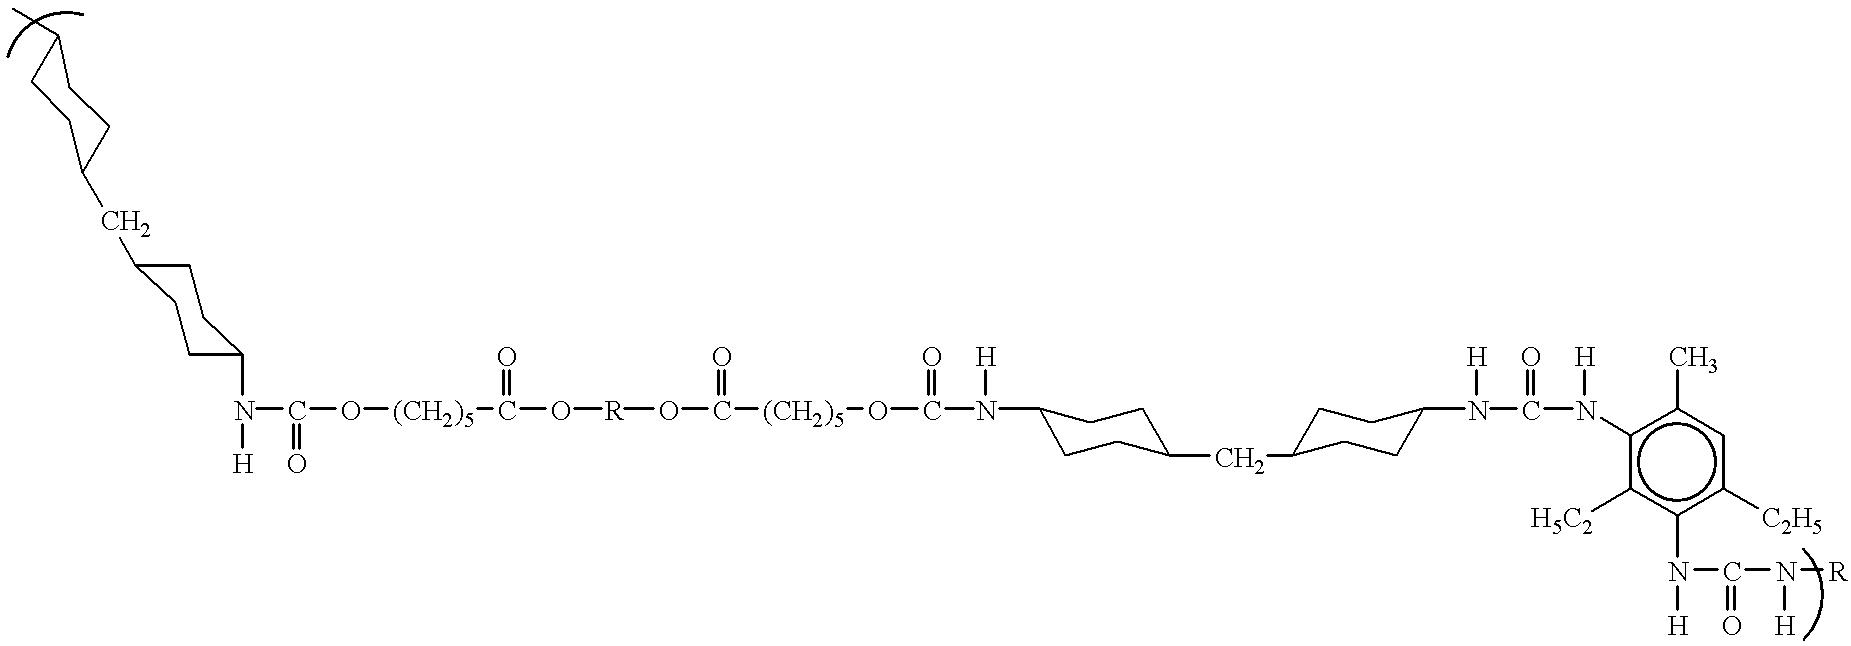 Figure US06258917-20010710-C00009